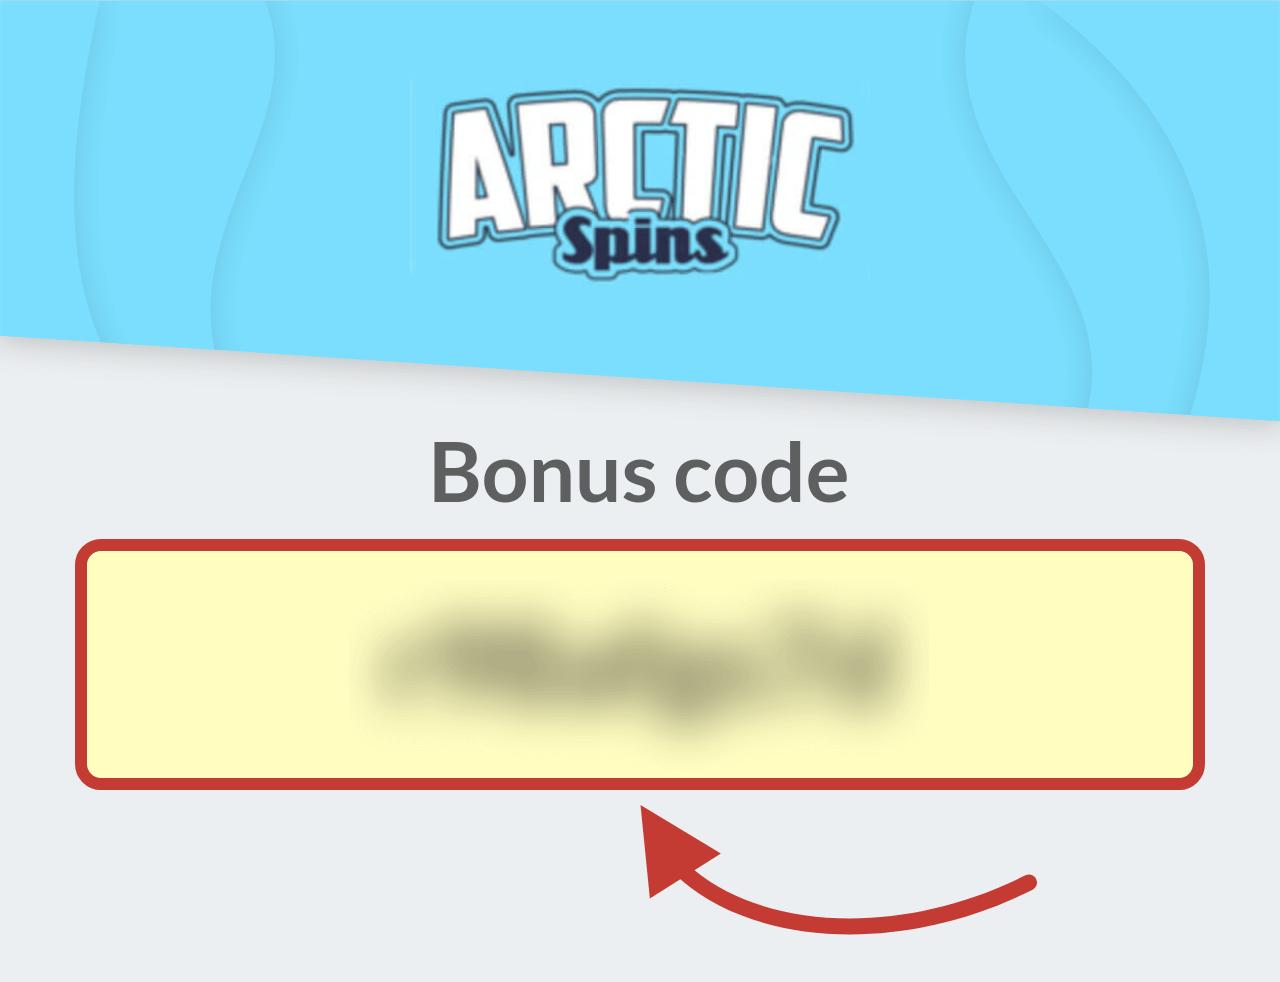 Arctic Spins Casino Bonus Code